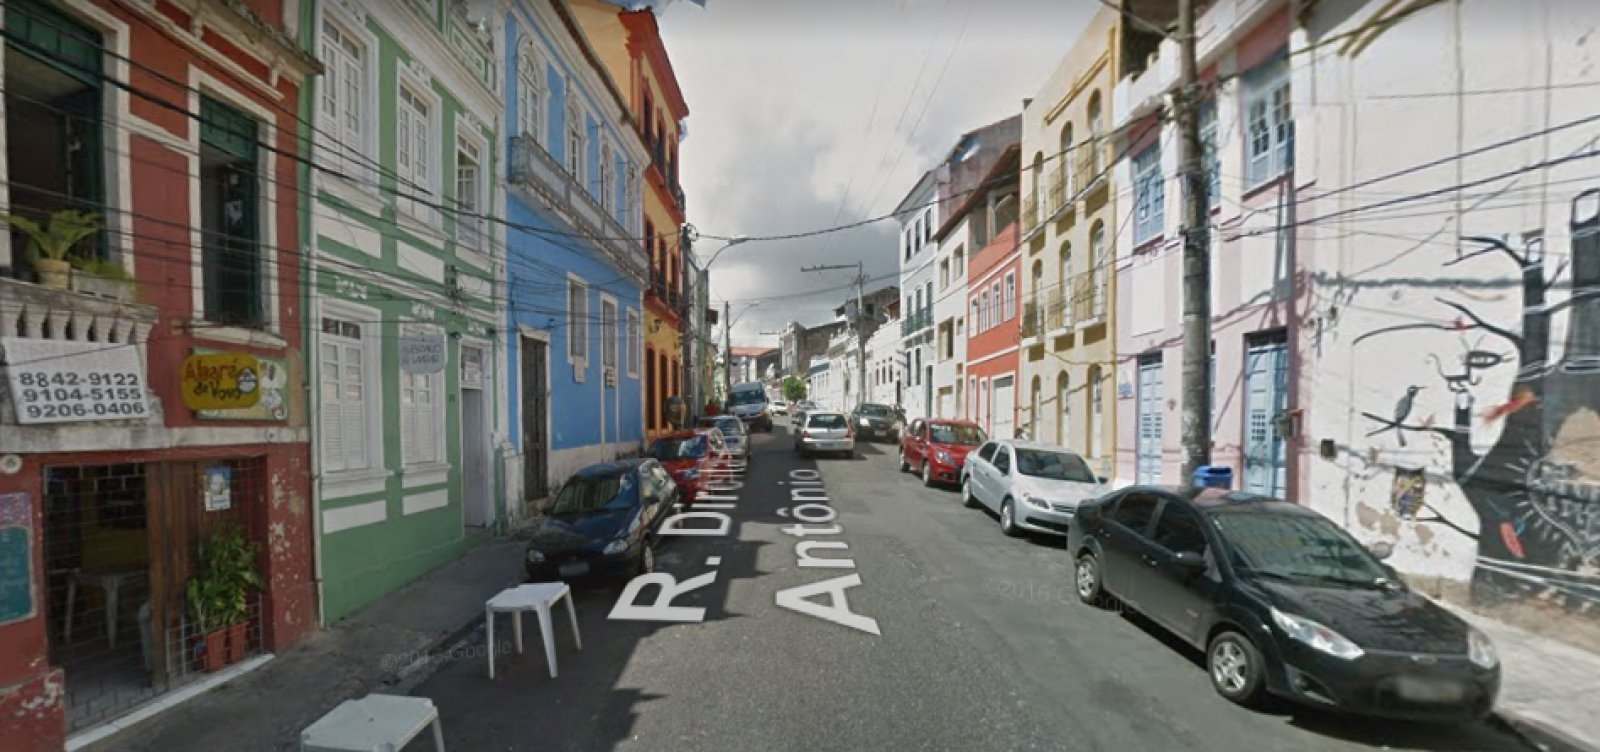 [Construtora afasta funcionário após furto de fios de cobre no Santo Antônio Além do Carmo]